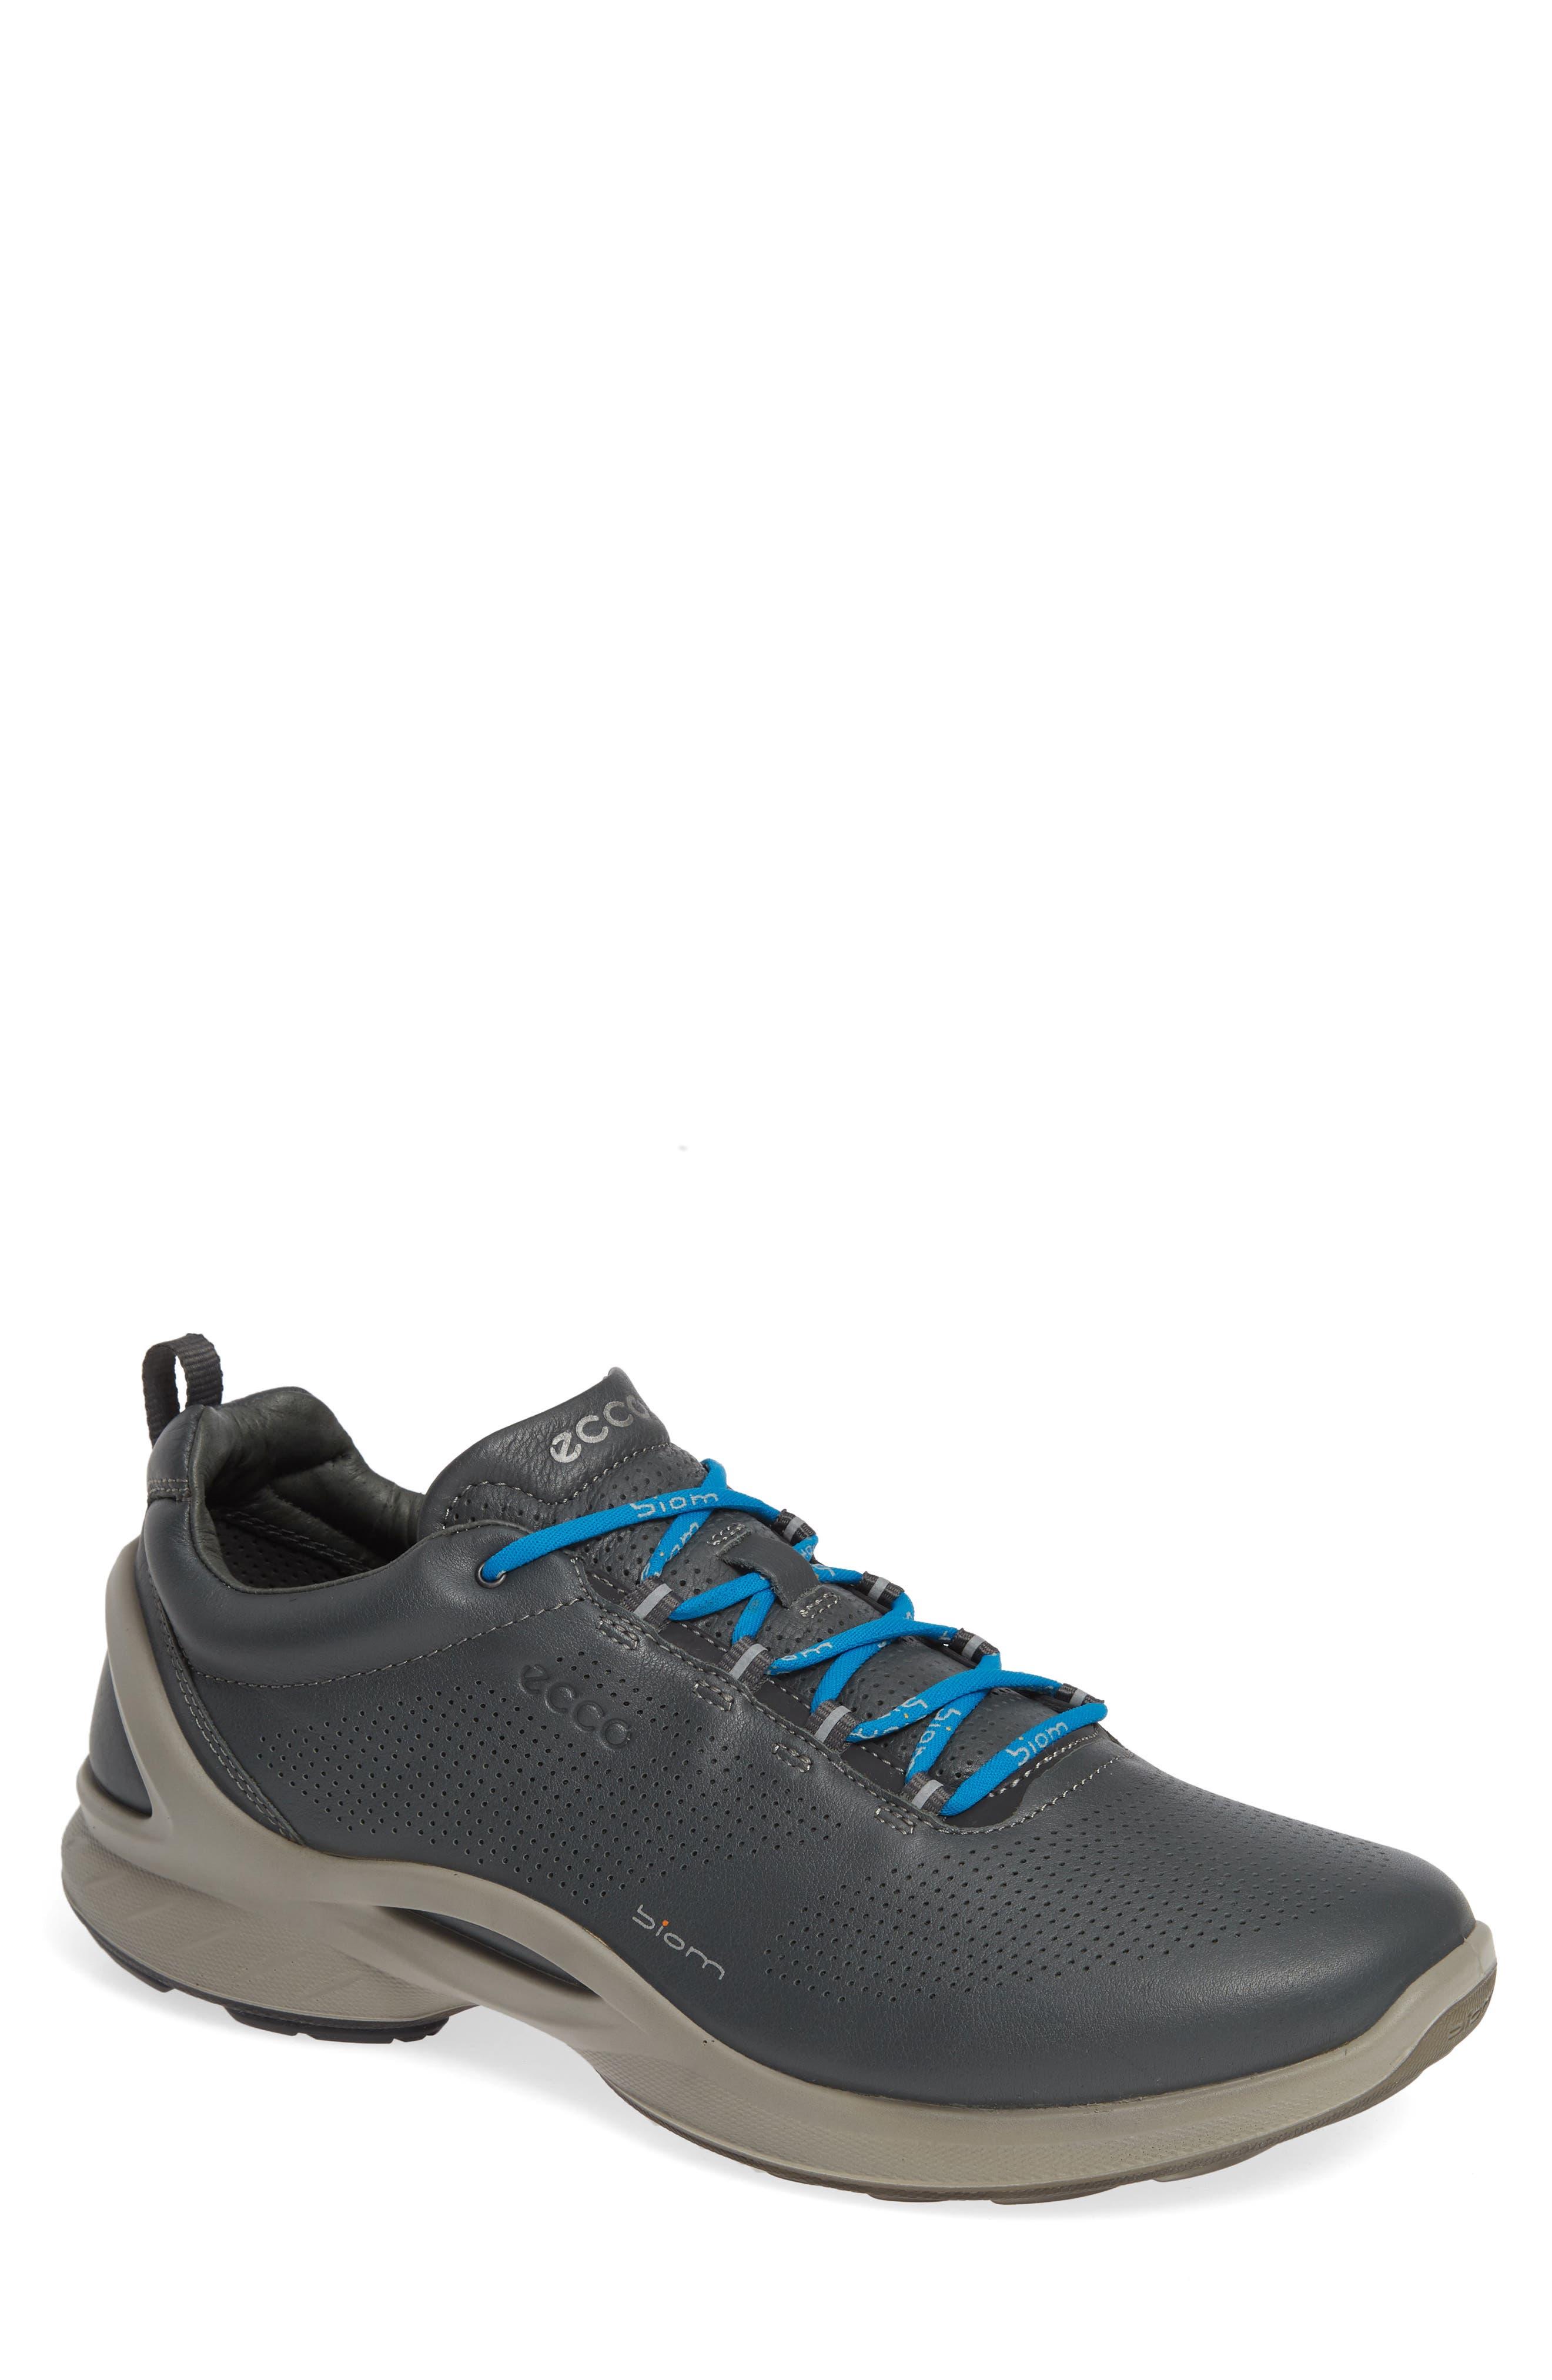 ECCO 'BIOM Fjuel' Sneaker, Main, color, DARK SHADOW LEATHER